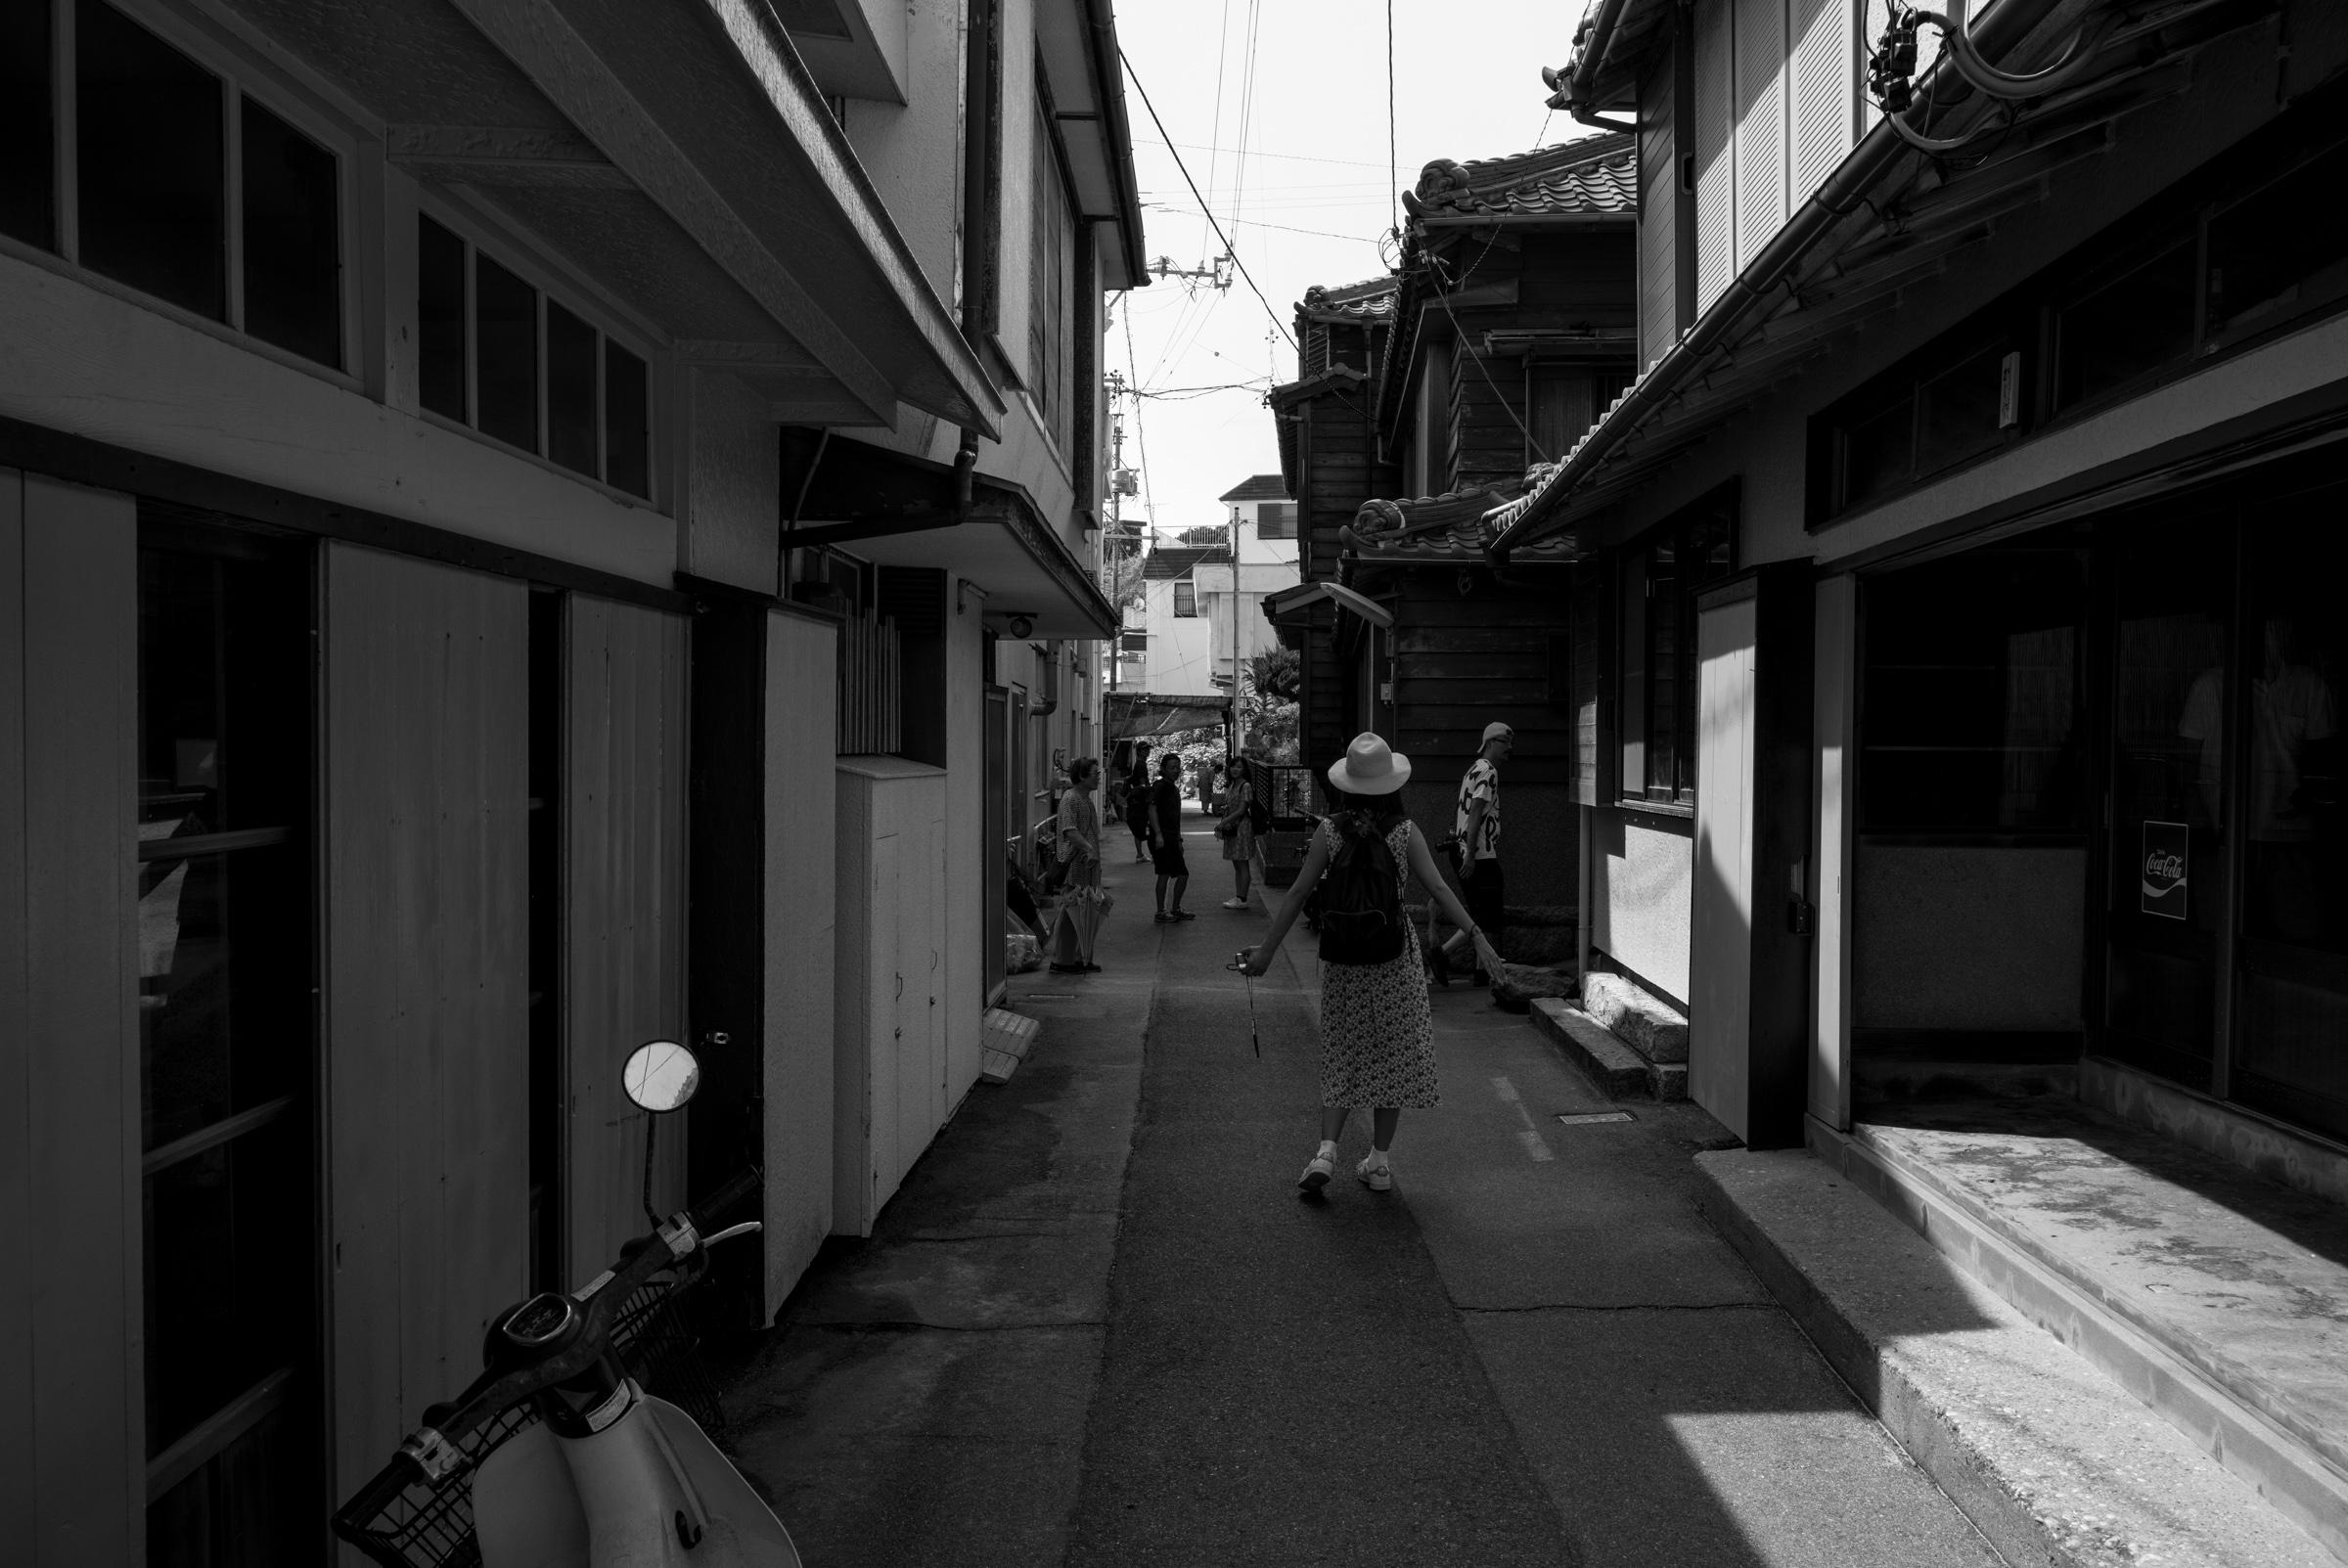 篠島 裏路地